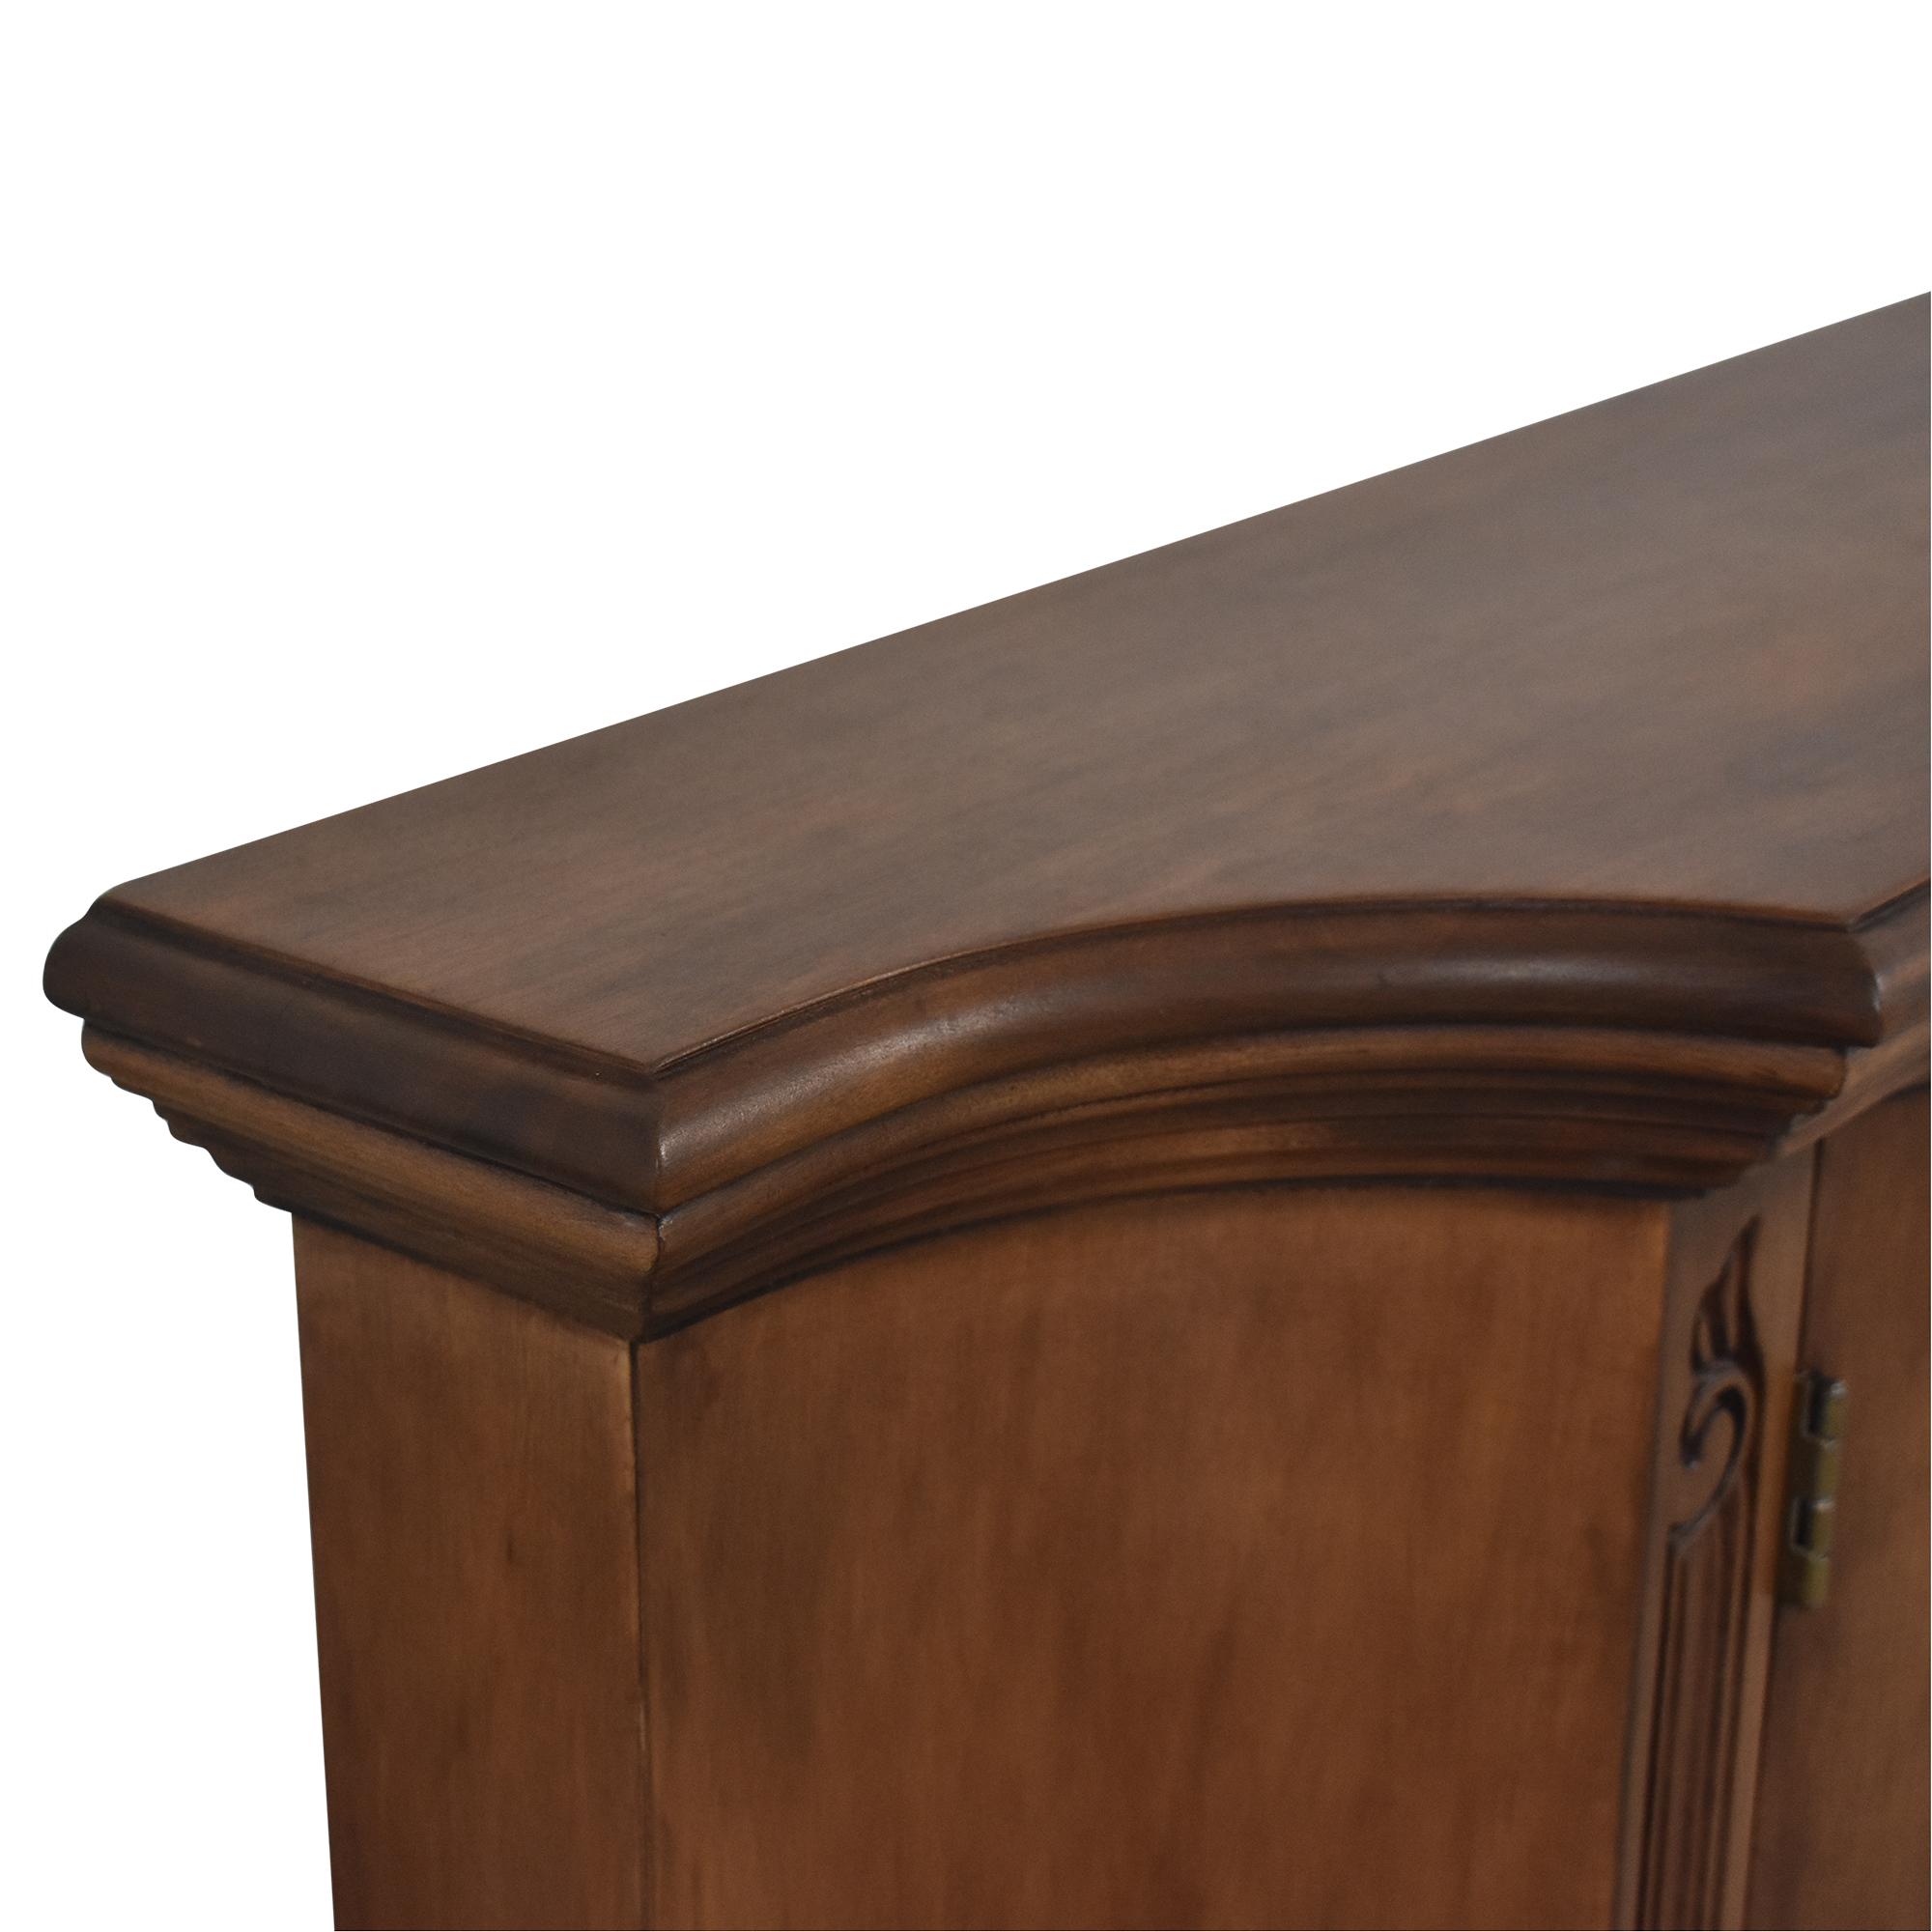 Drexel Vintage Sideboard Cabinet / Cabinets & Sideboards